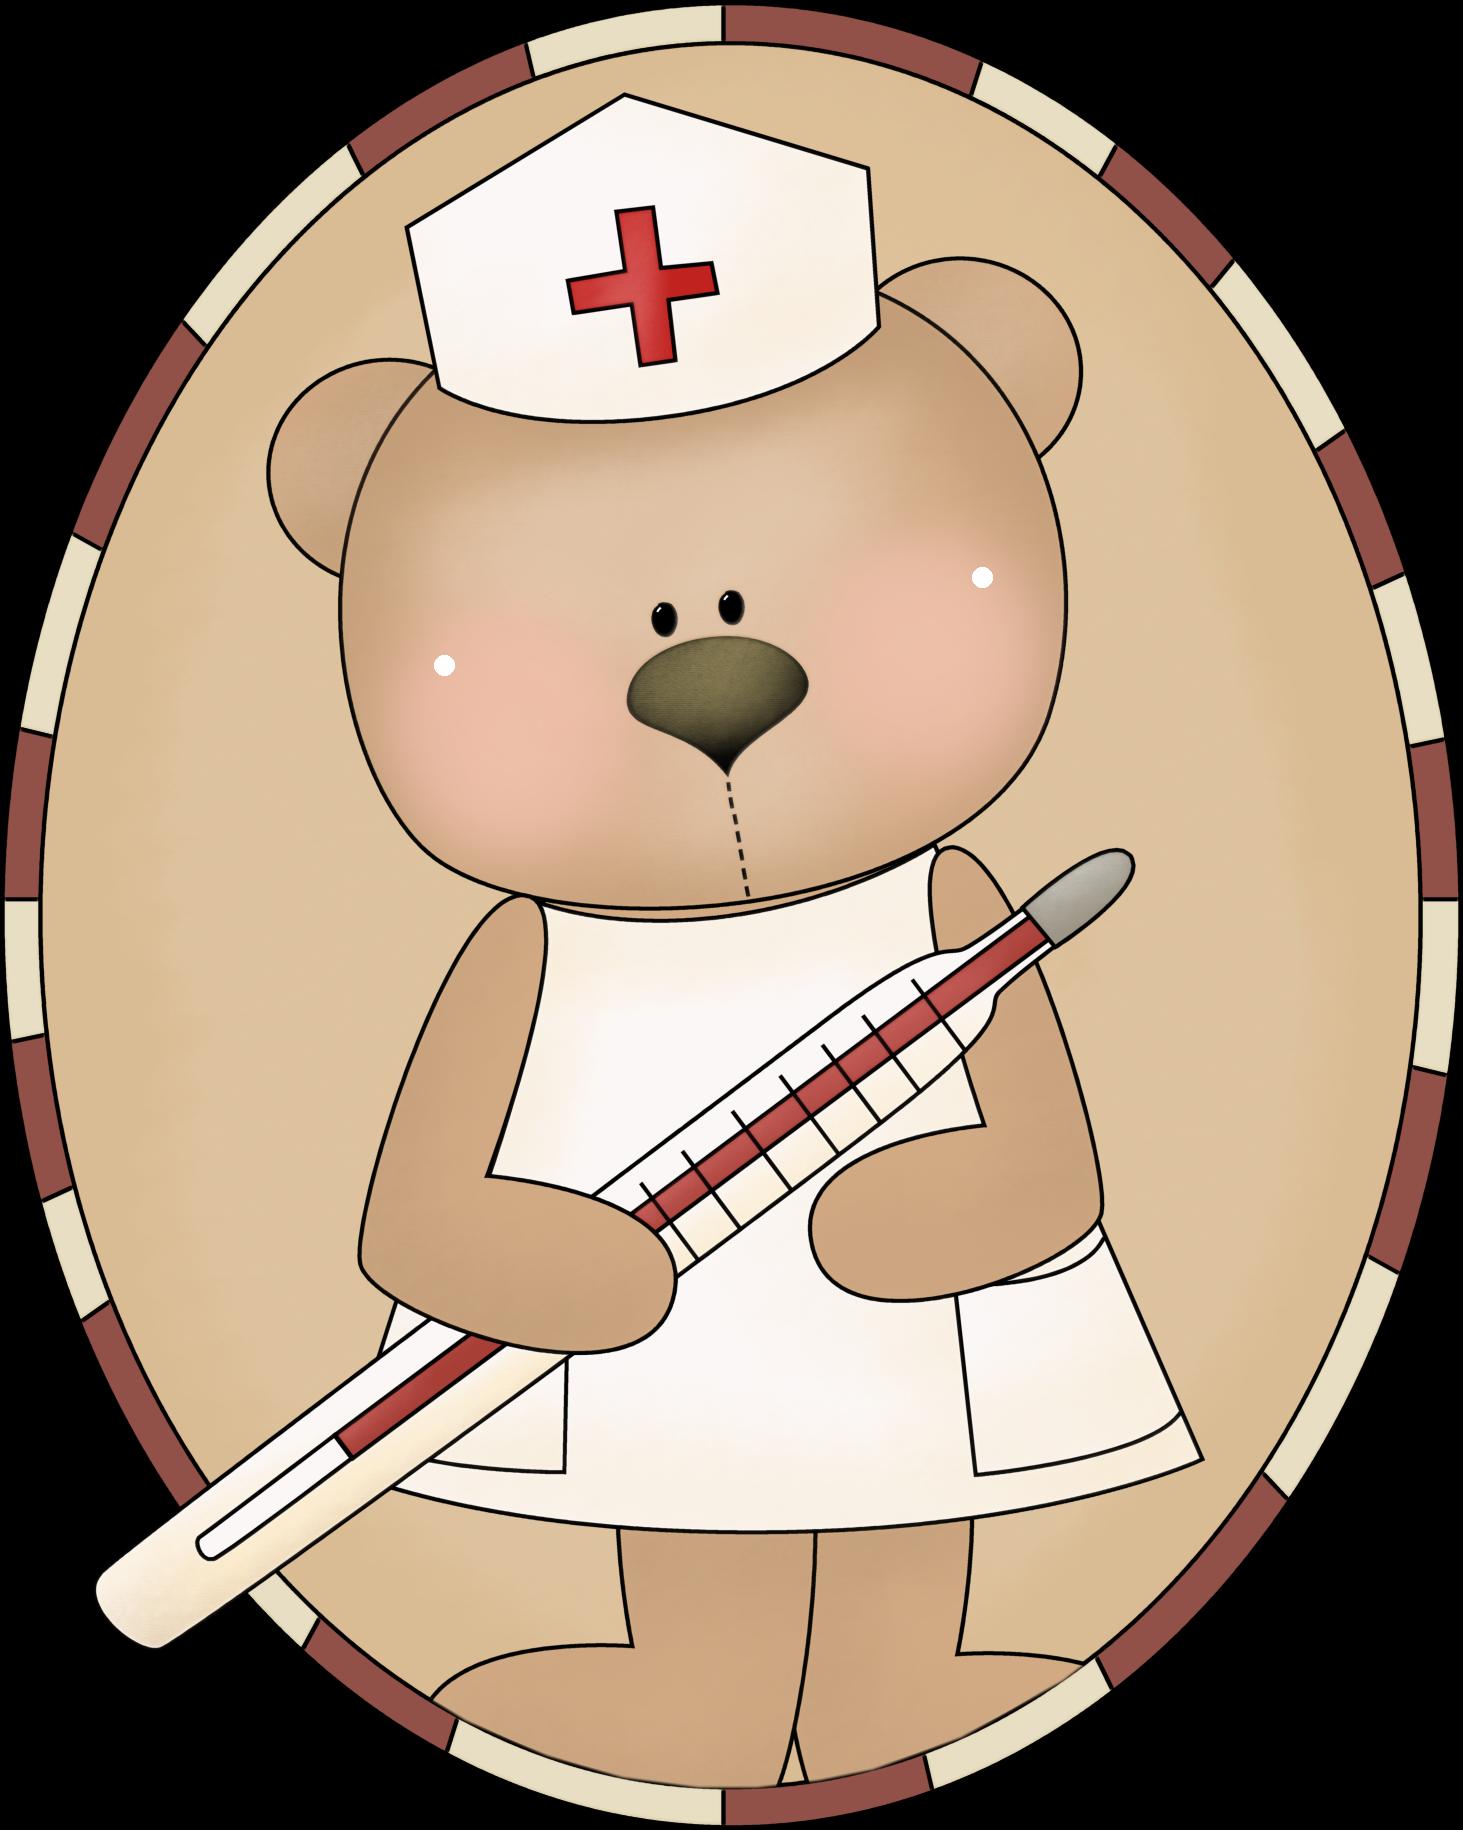 Osita Enfermera Enfermera Dia De La Enfermera Dibujo Tiernos